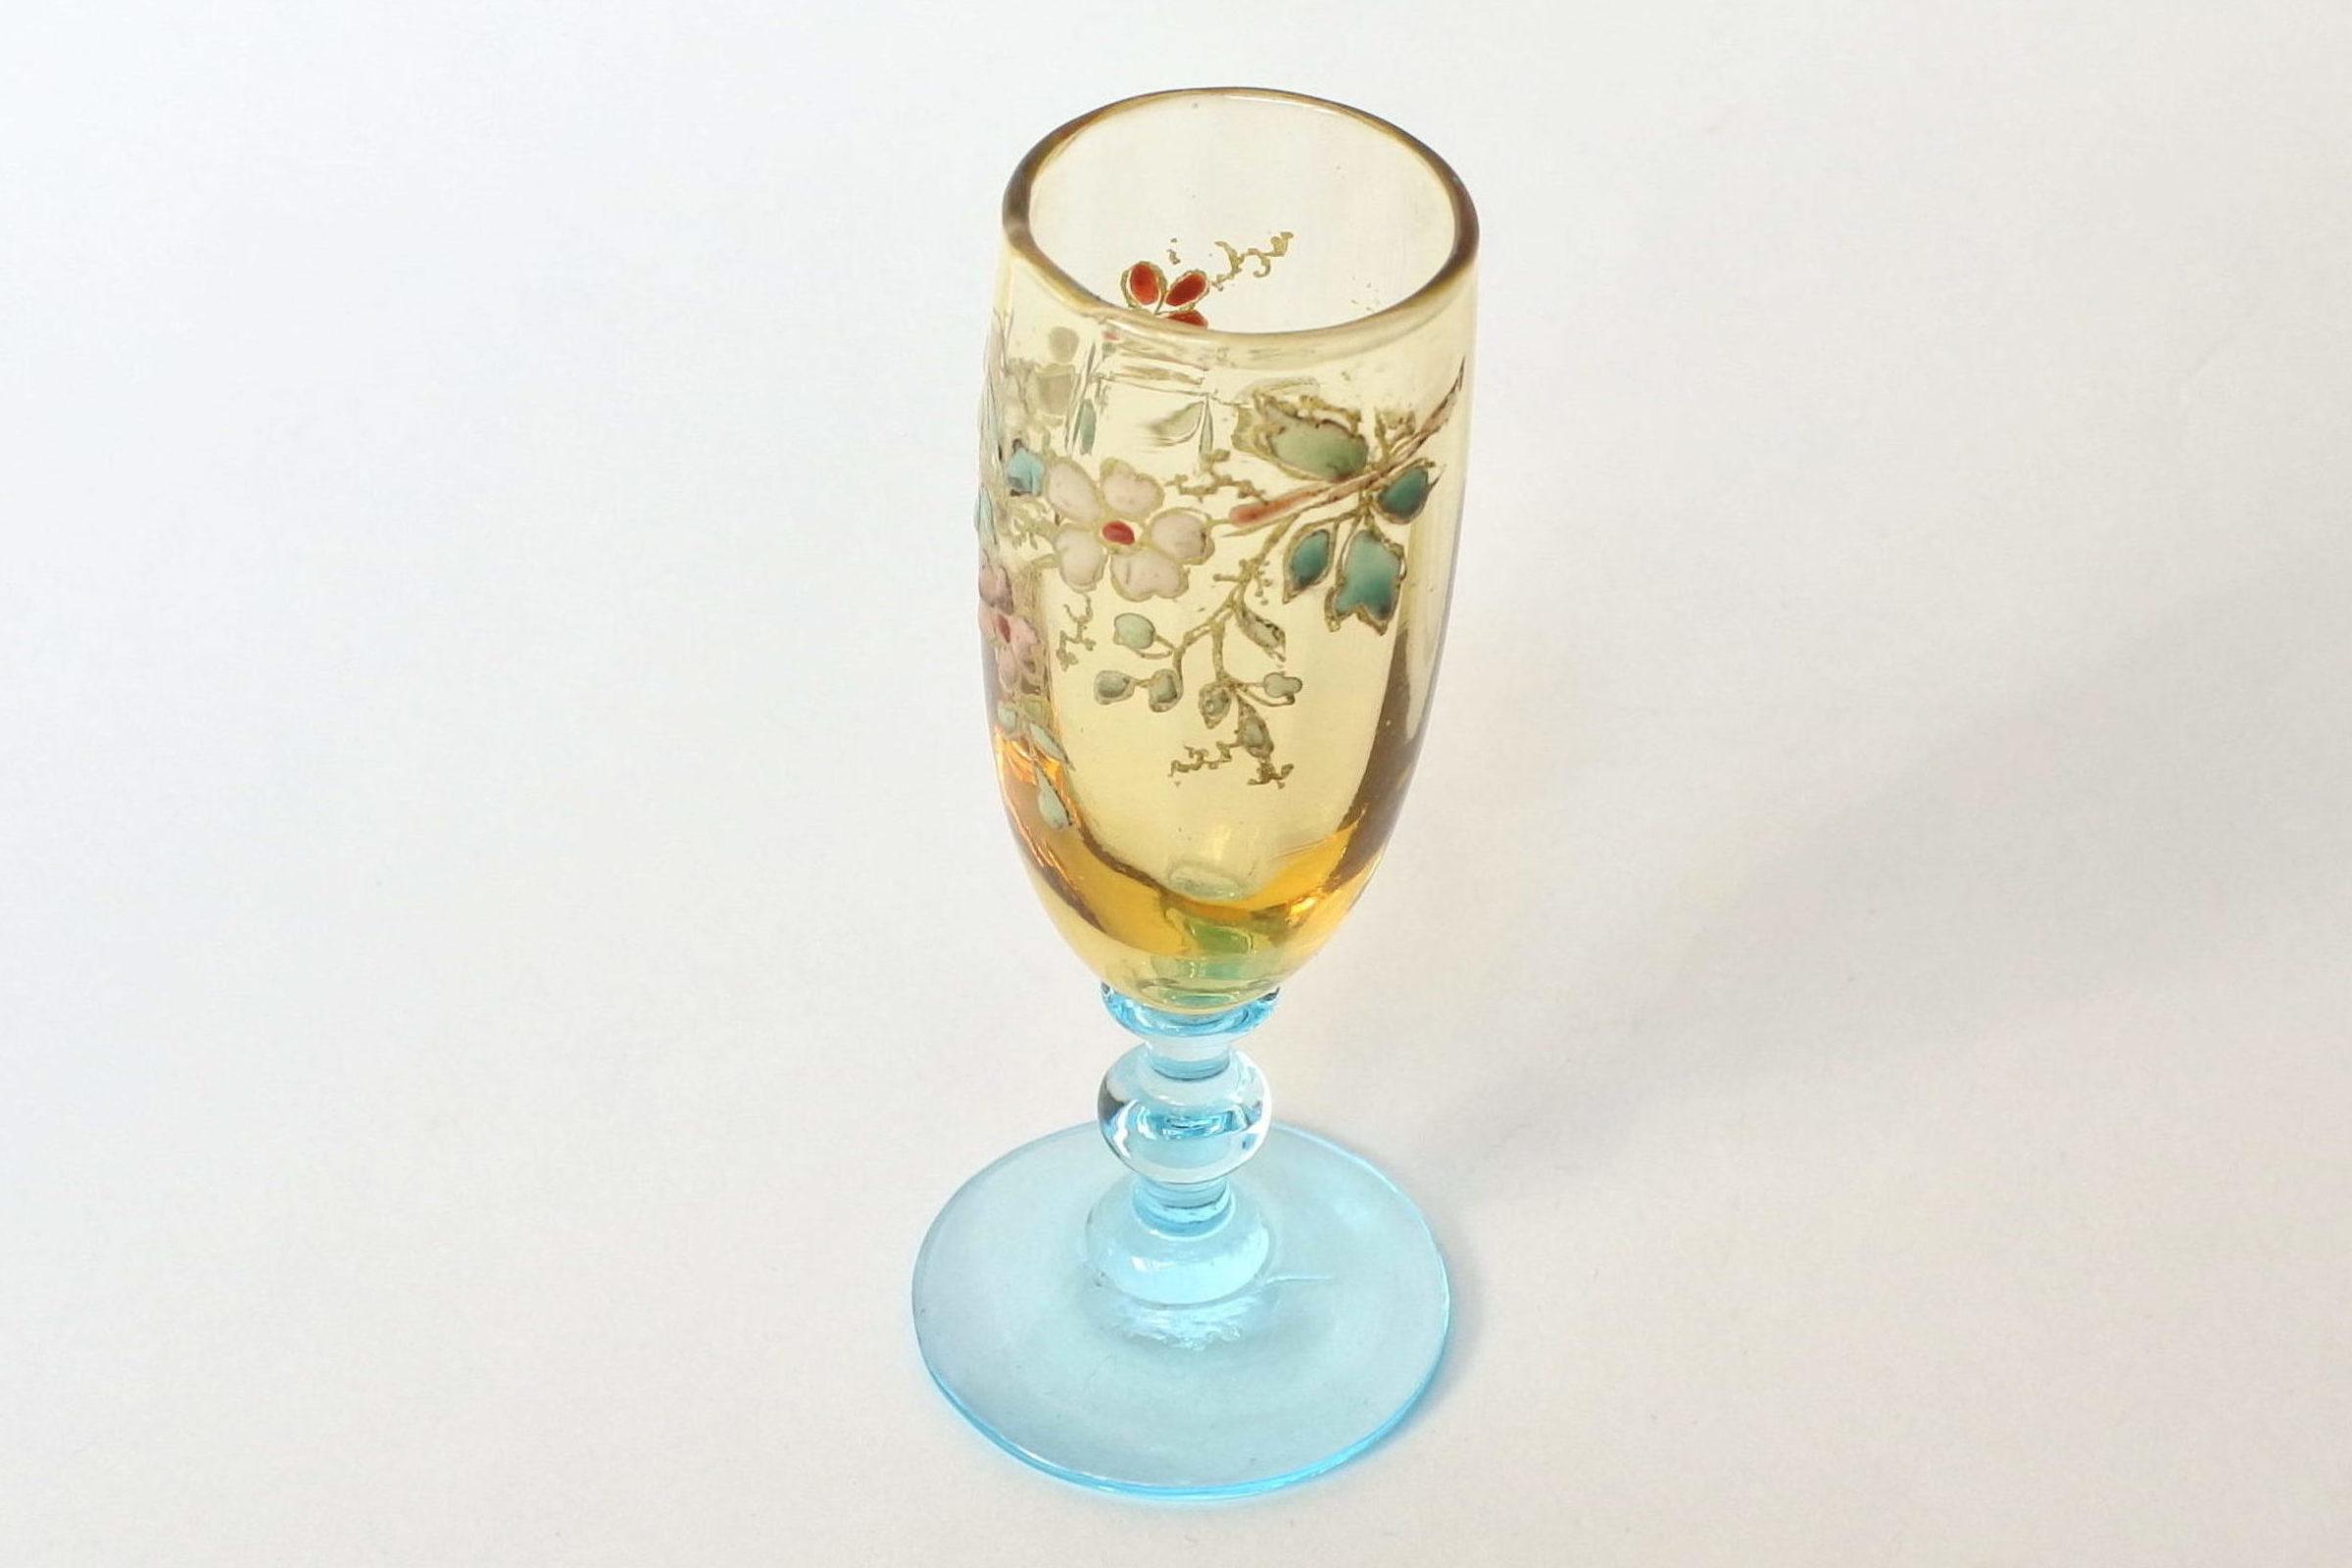 Bicchierino Legras a calice in vetro soffiato giallo con piede azzurro - 4